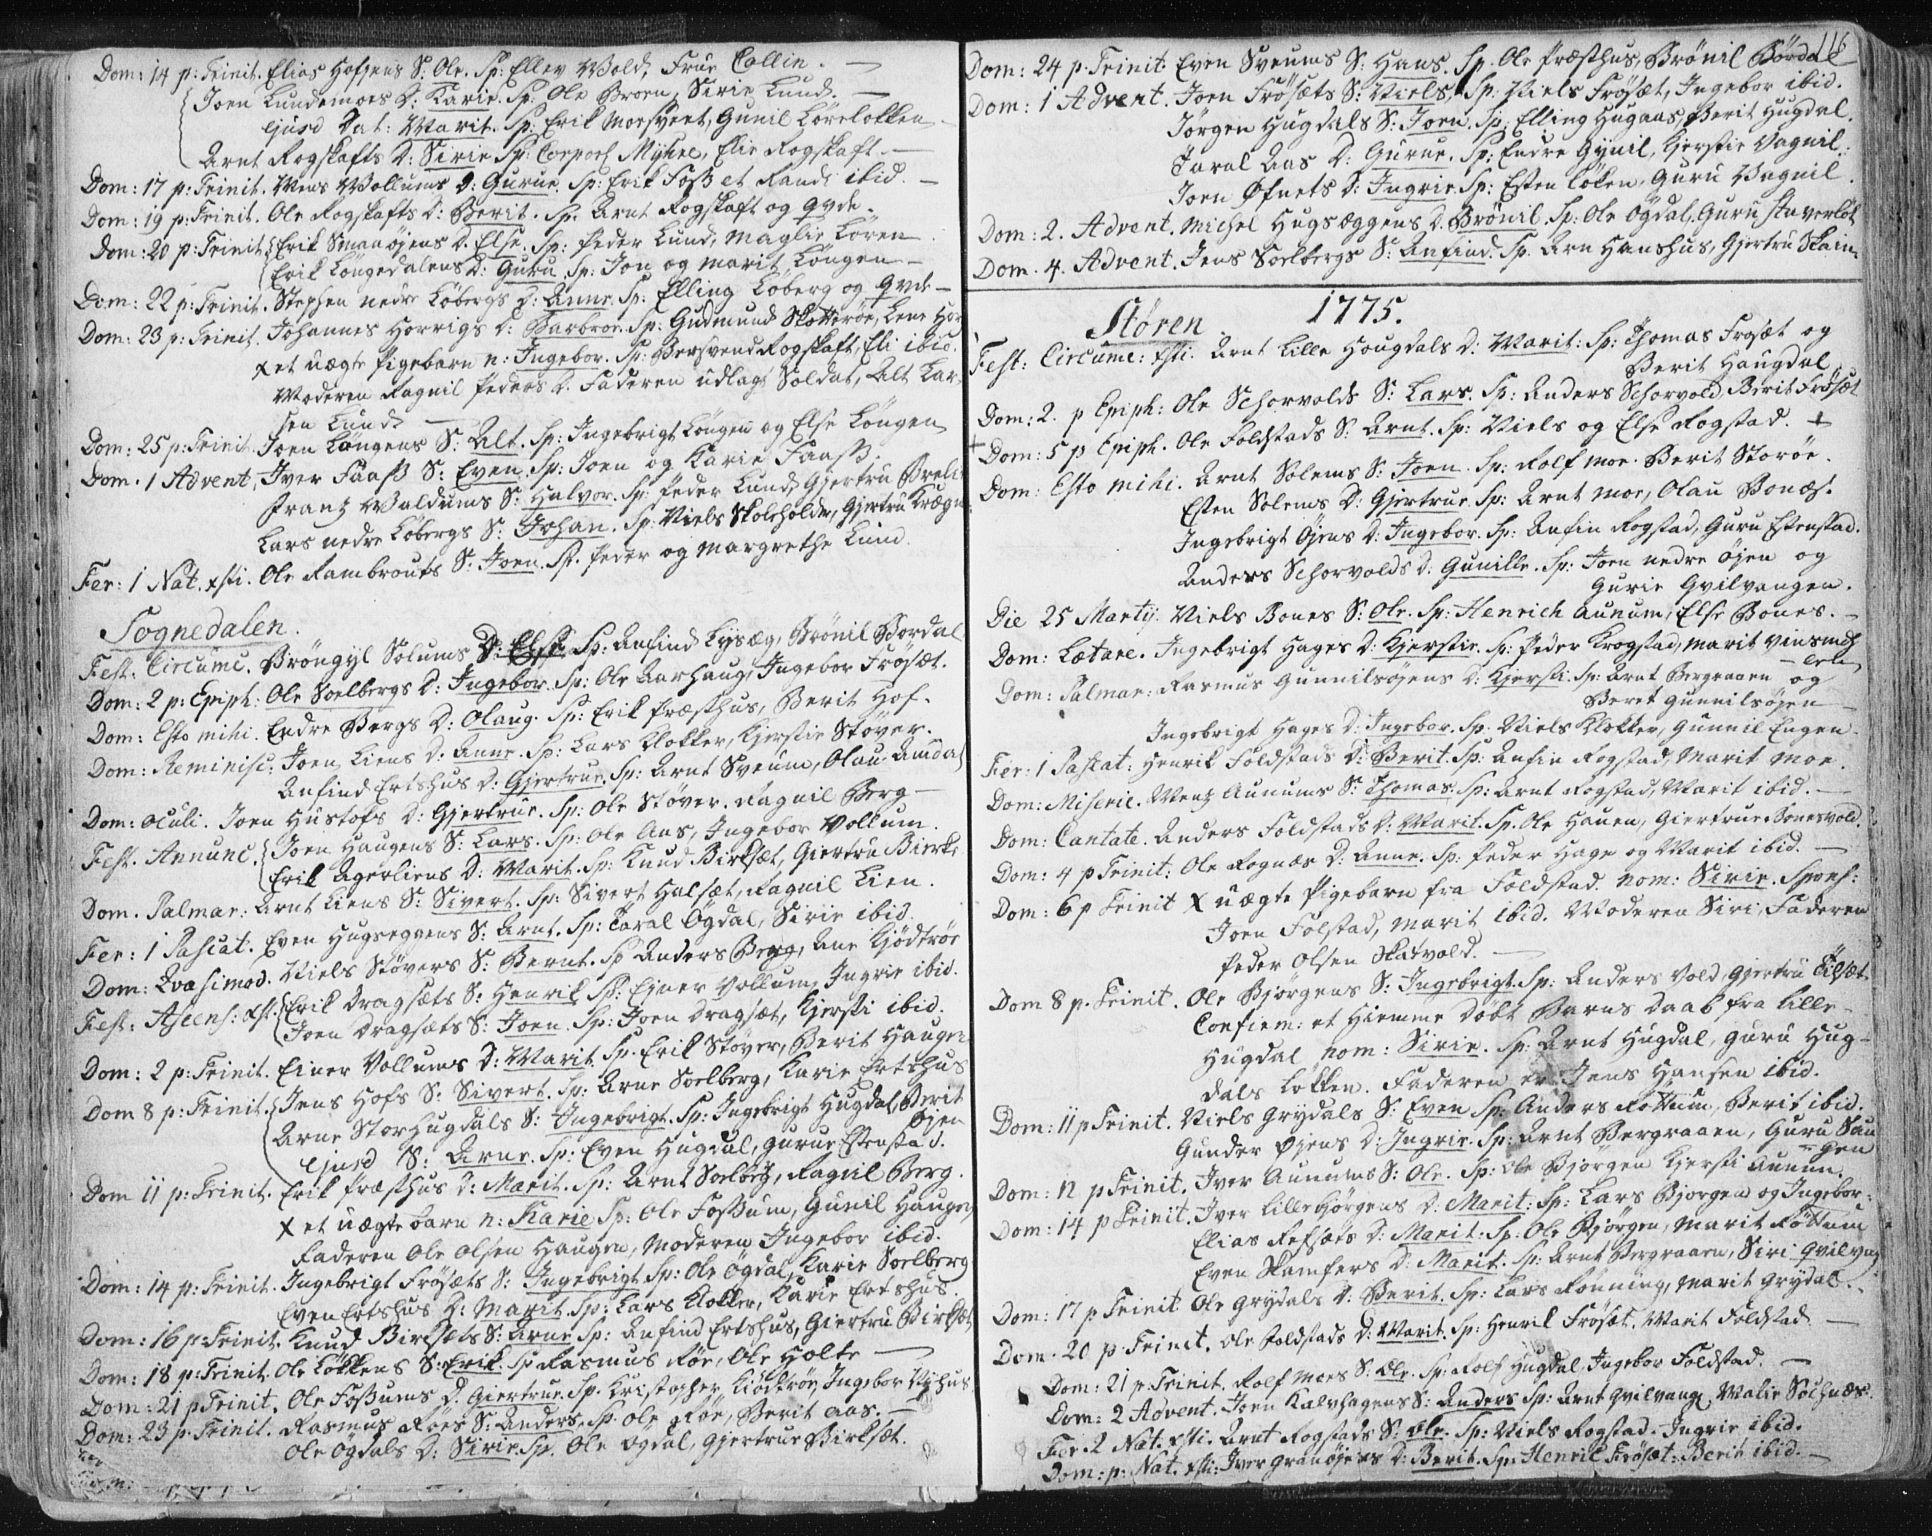 SAT, Ministerialprotokoller, klokkerbøker og fødselsregistre - Sør-Trøndelag, 687/L0991: Ministerialbok nr. 687A02, 1747-1790, s. 116